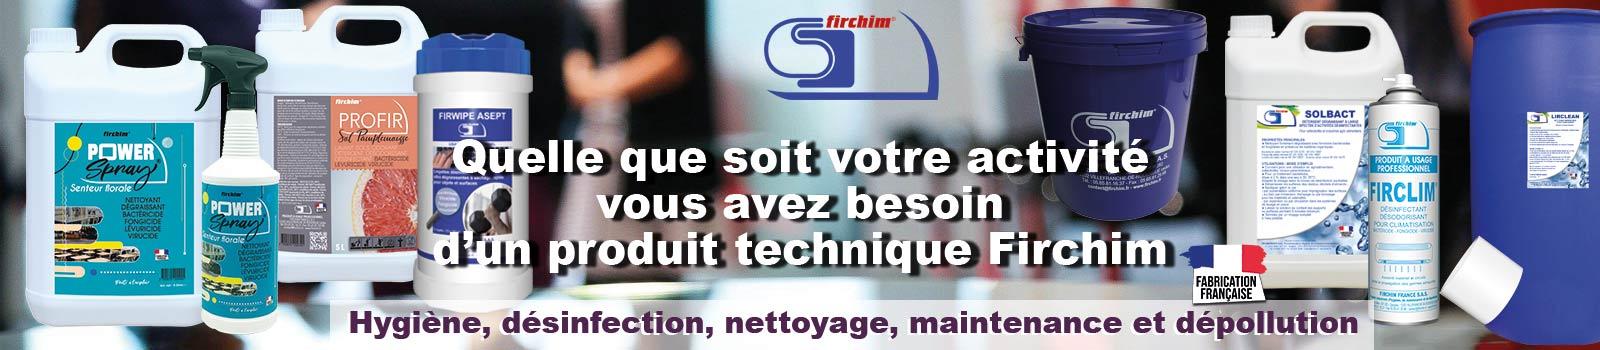 Produits techniques Firchim